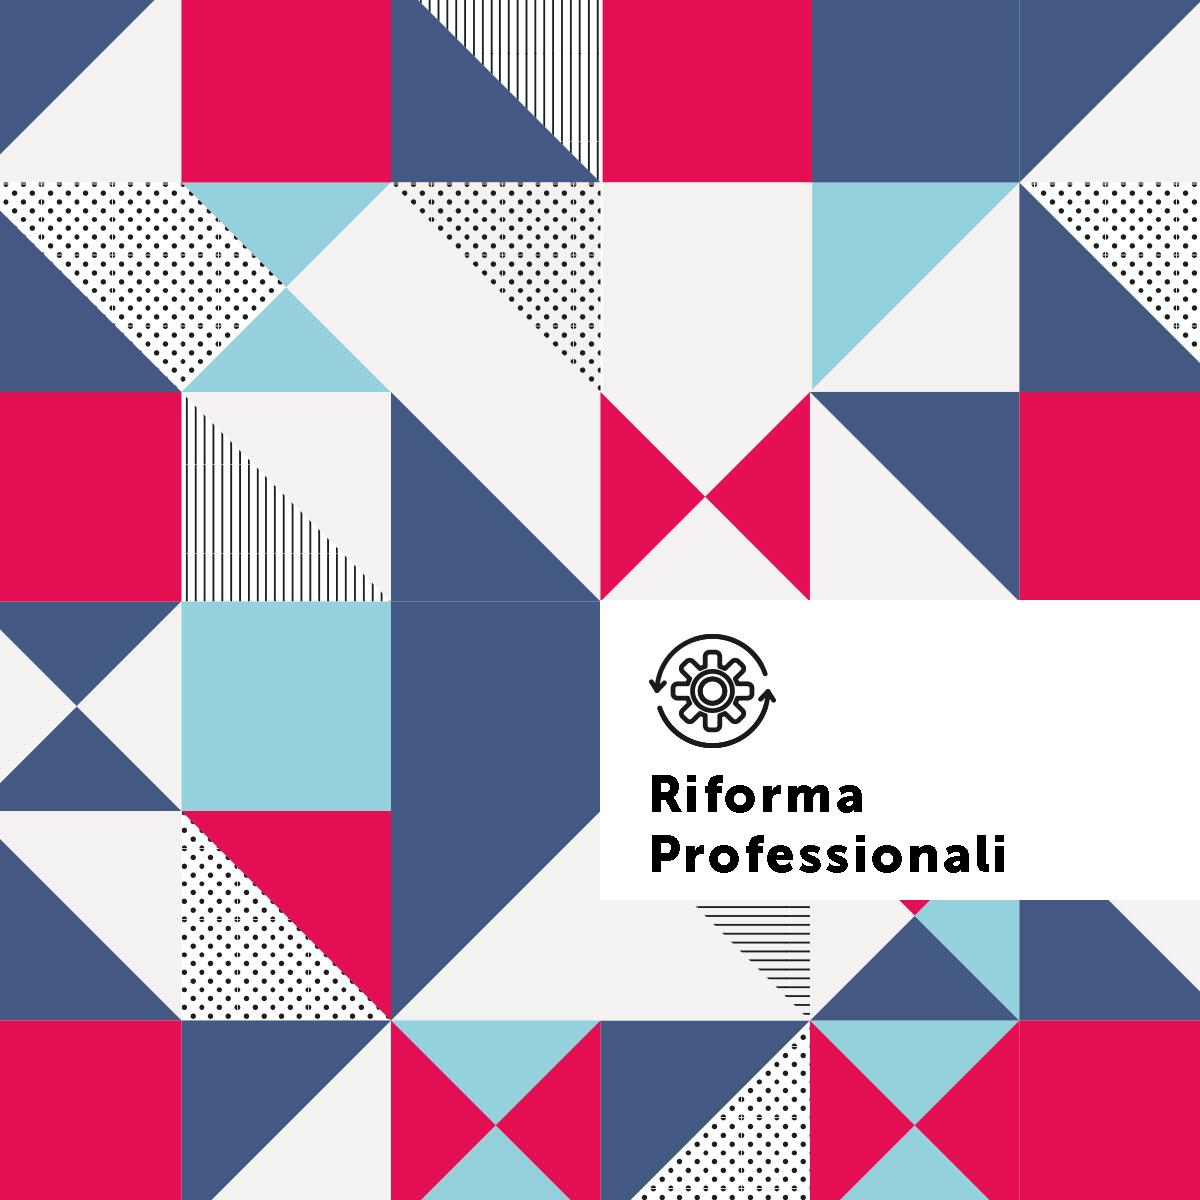 La storia nella riforma dell'Istruzione professionale